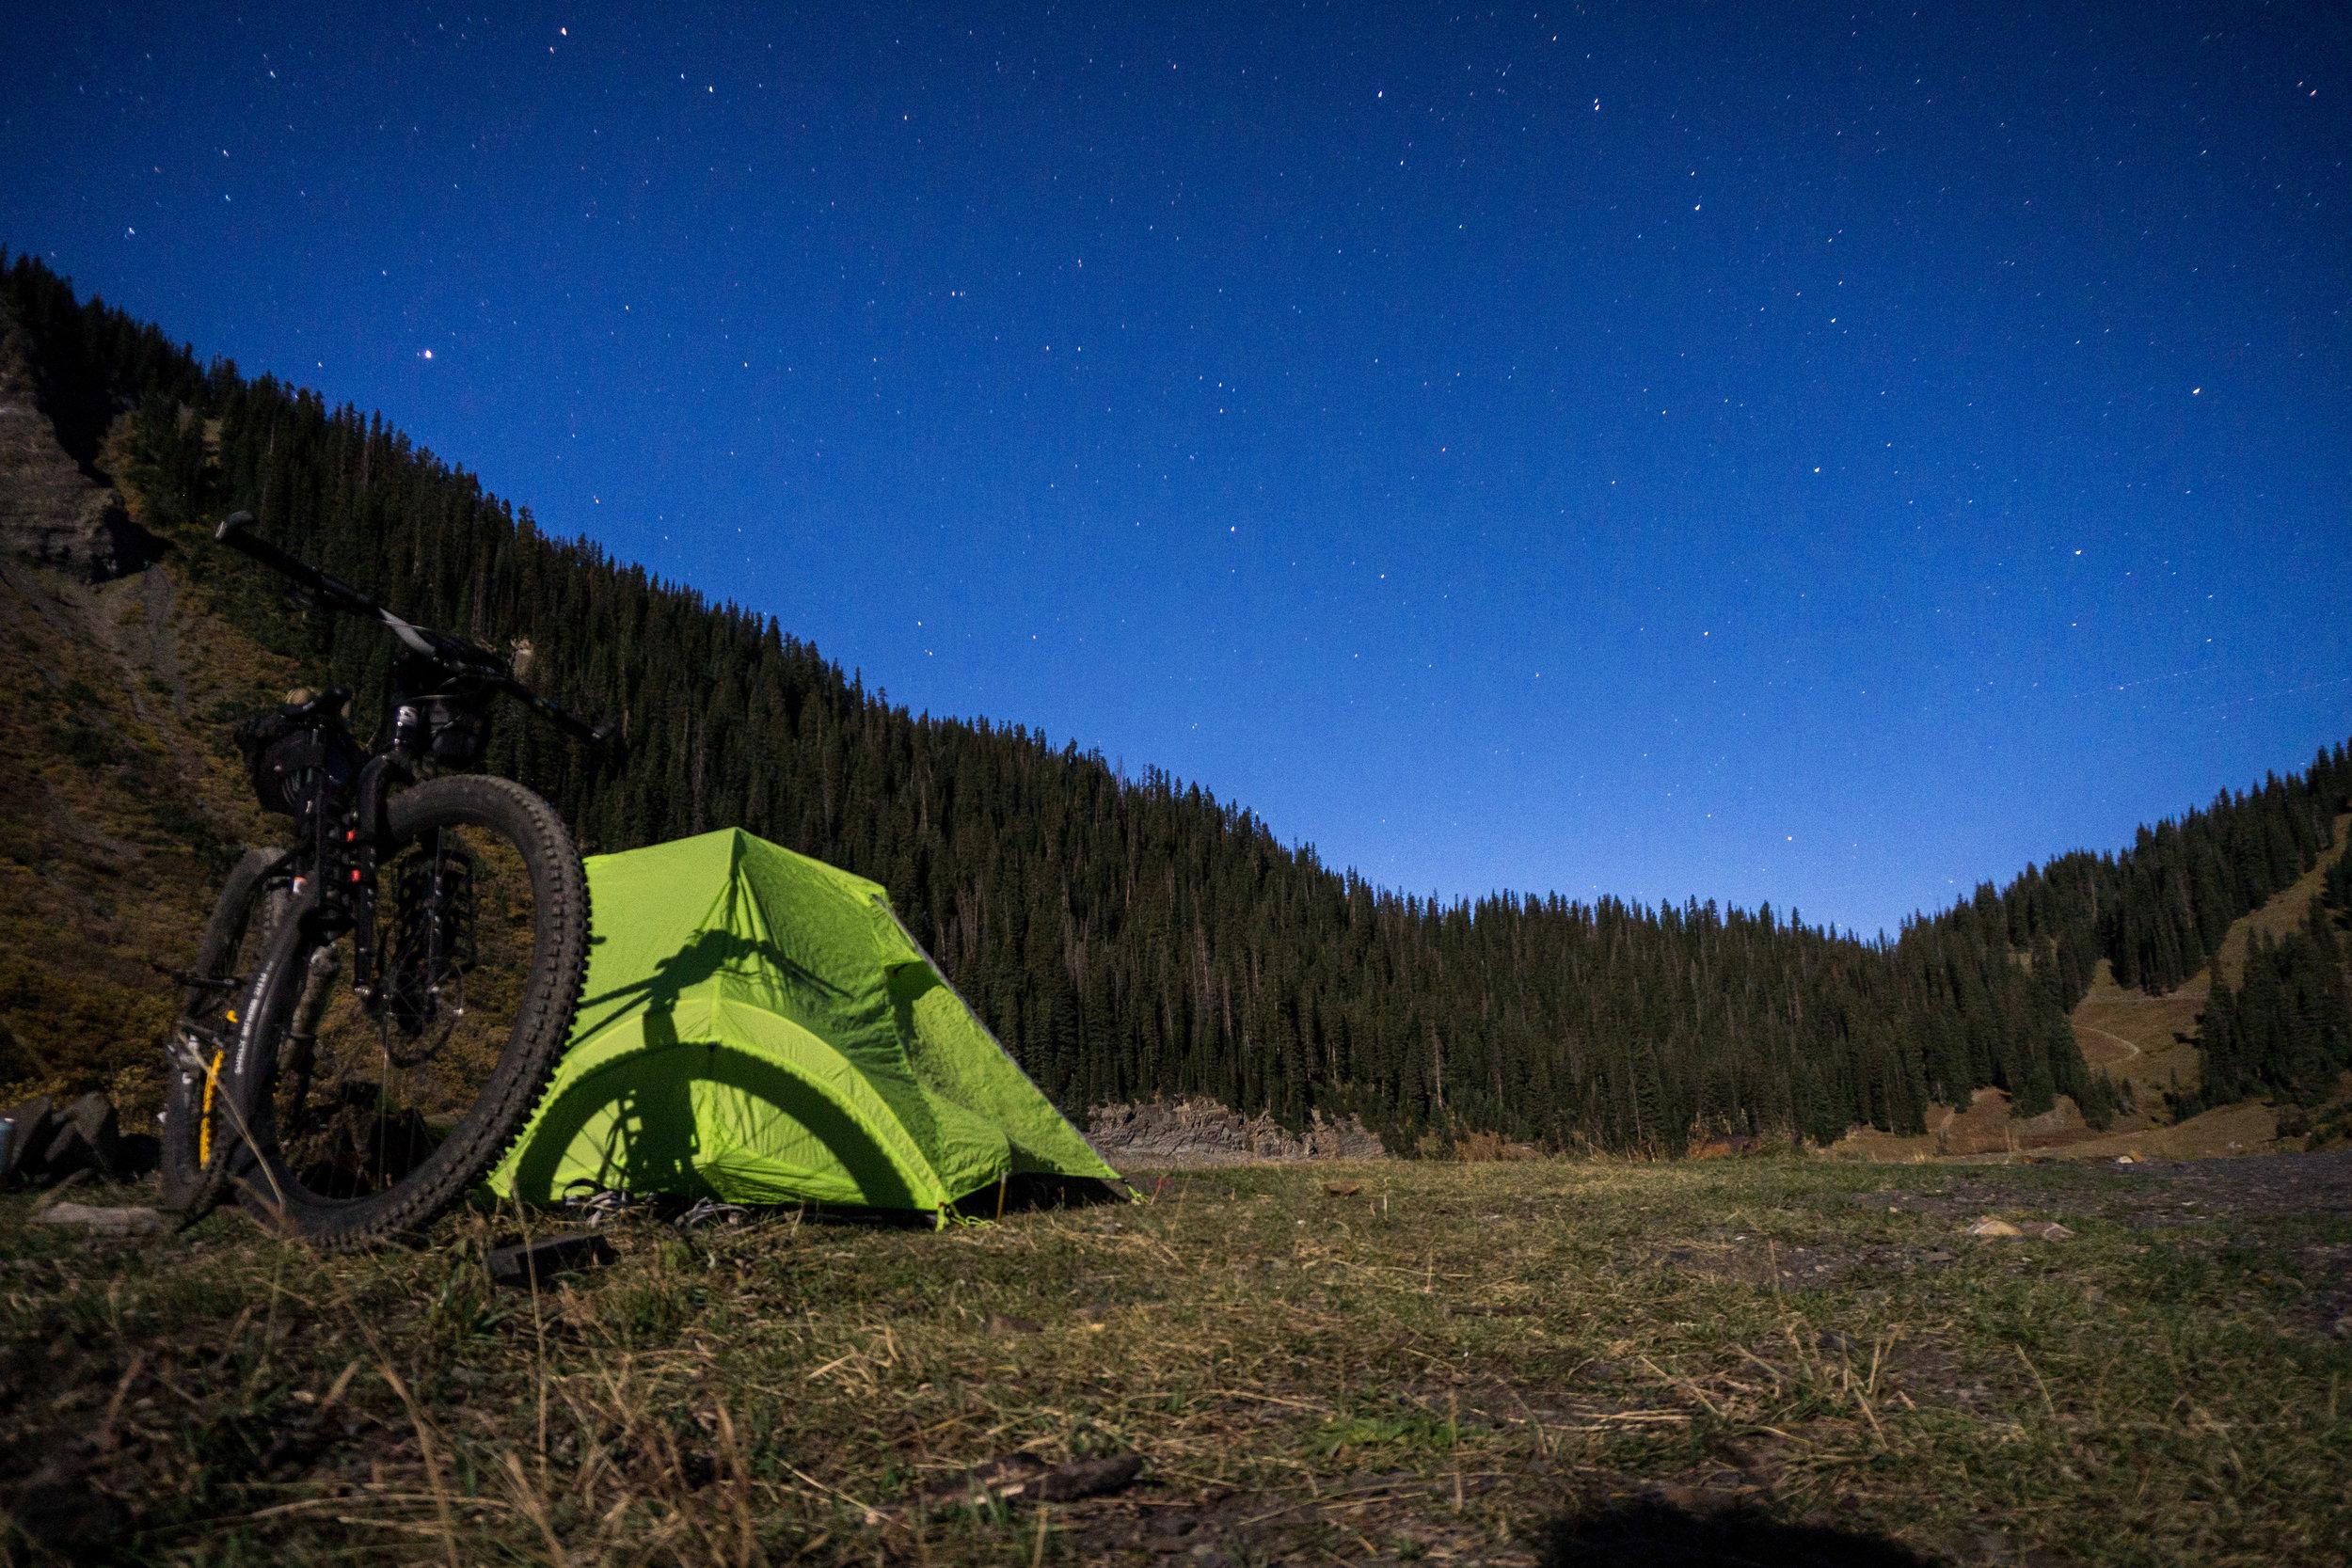 Camped at Emerald Lake.